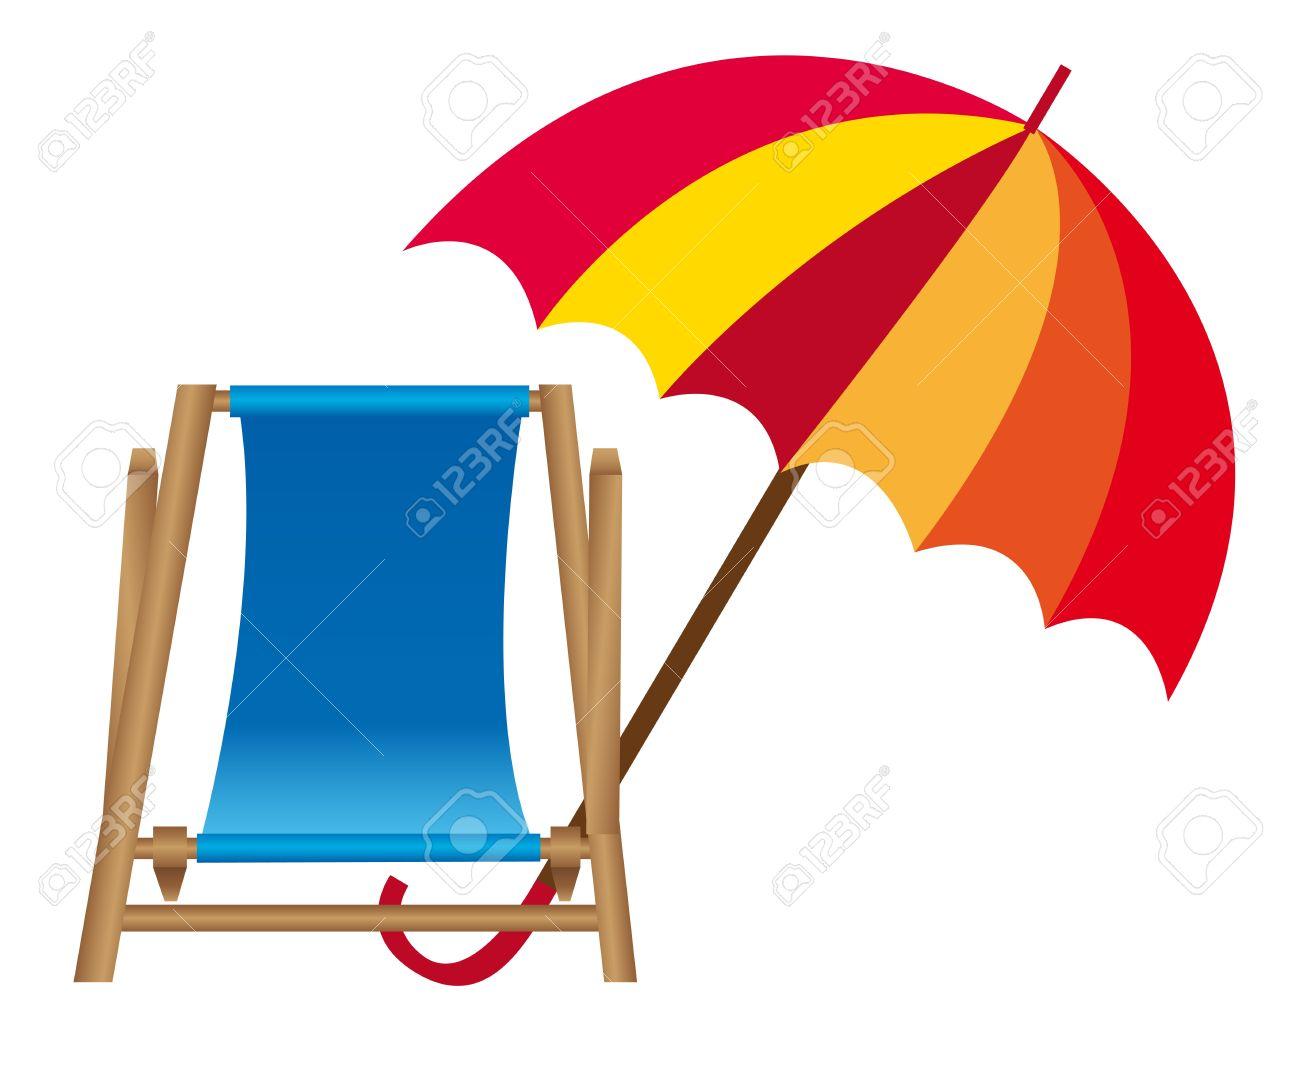 Le coffre jouets lesneven - Dessin parasol ...